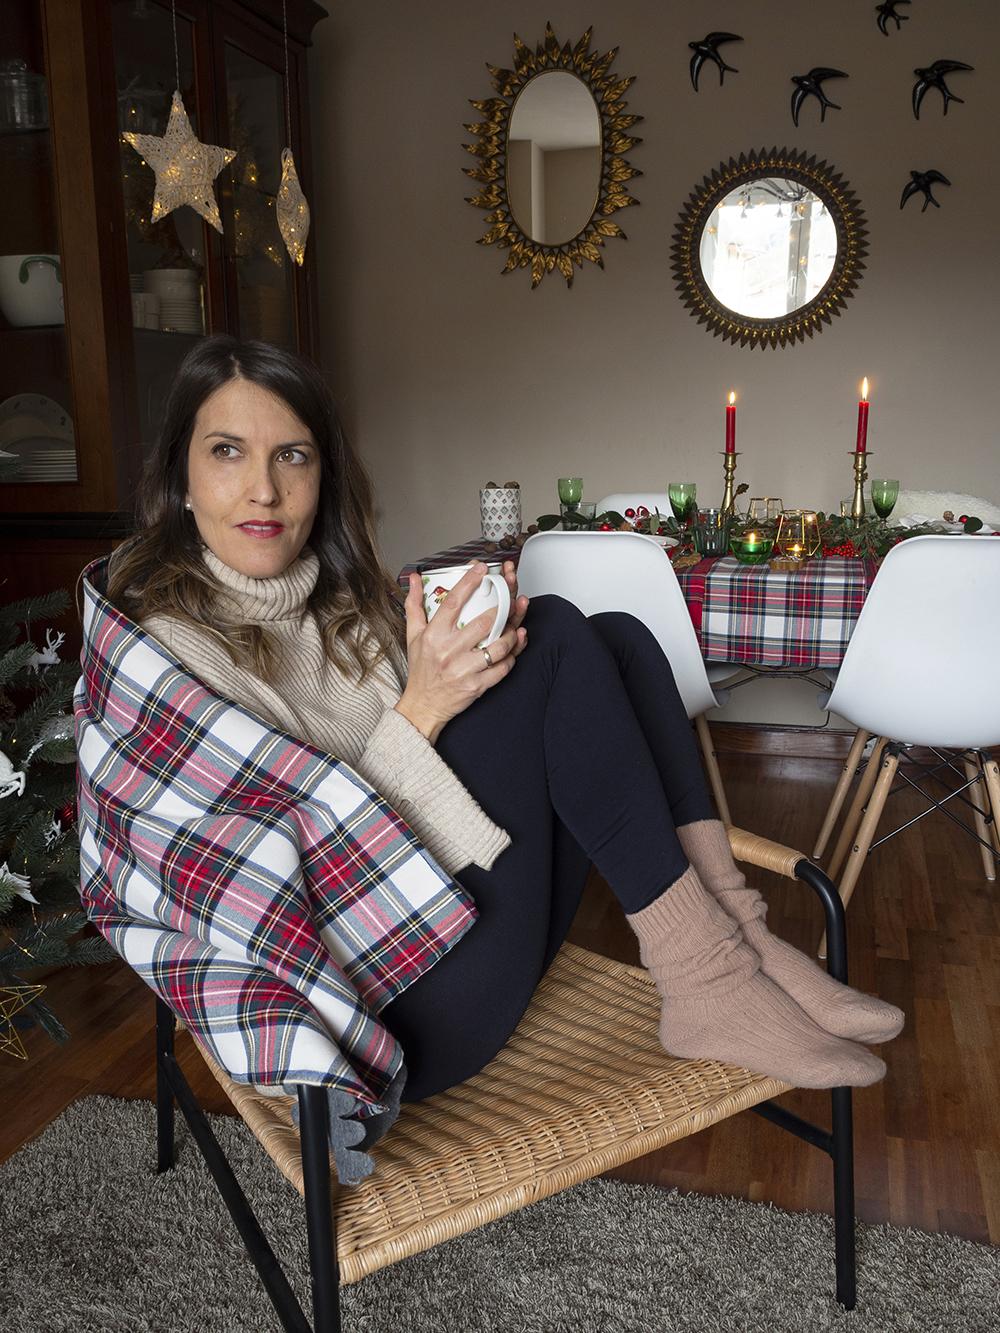 Nuestra mesa navideña en cuadros escoceses26